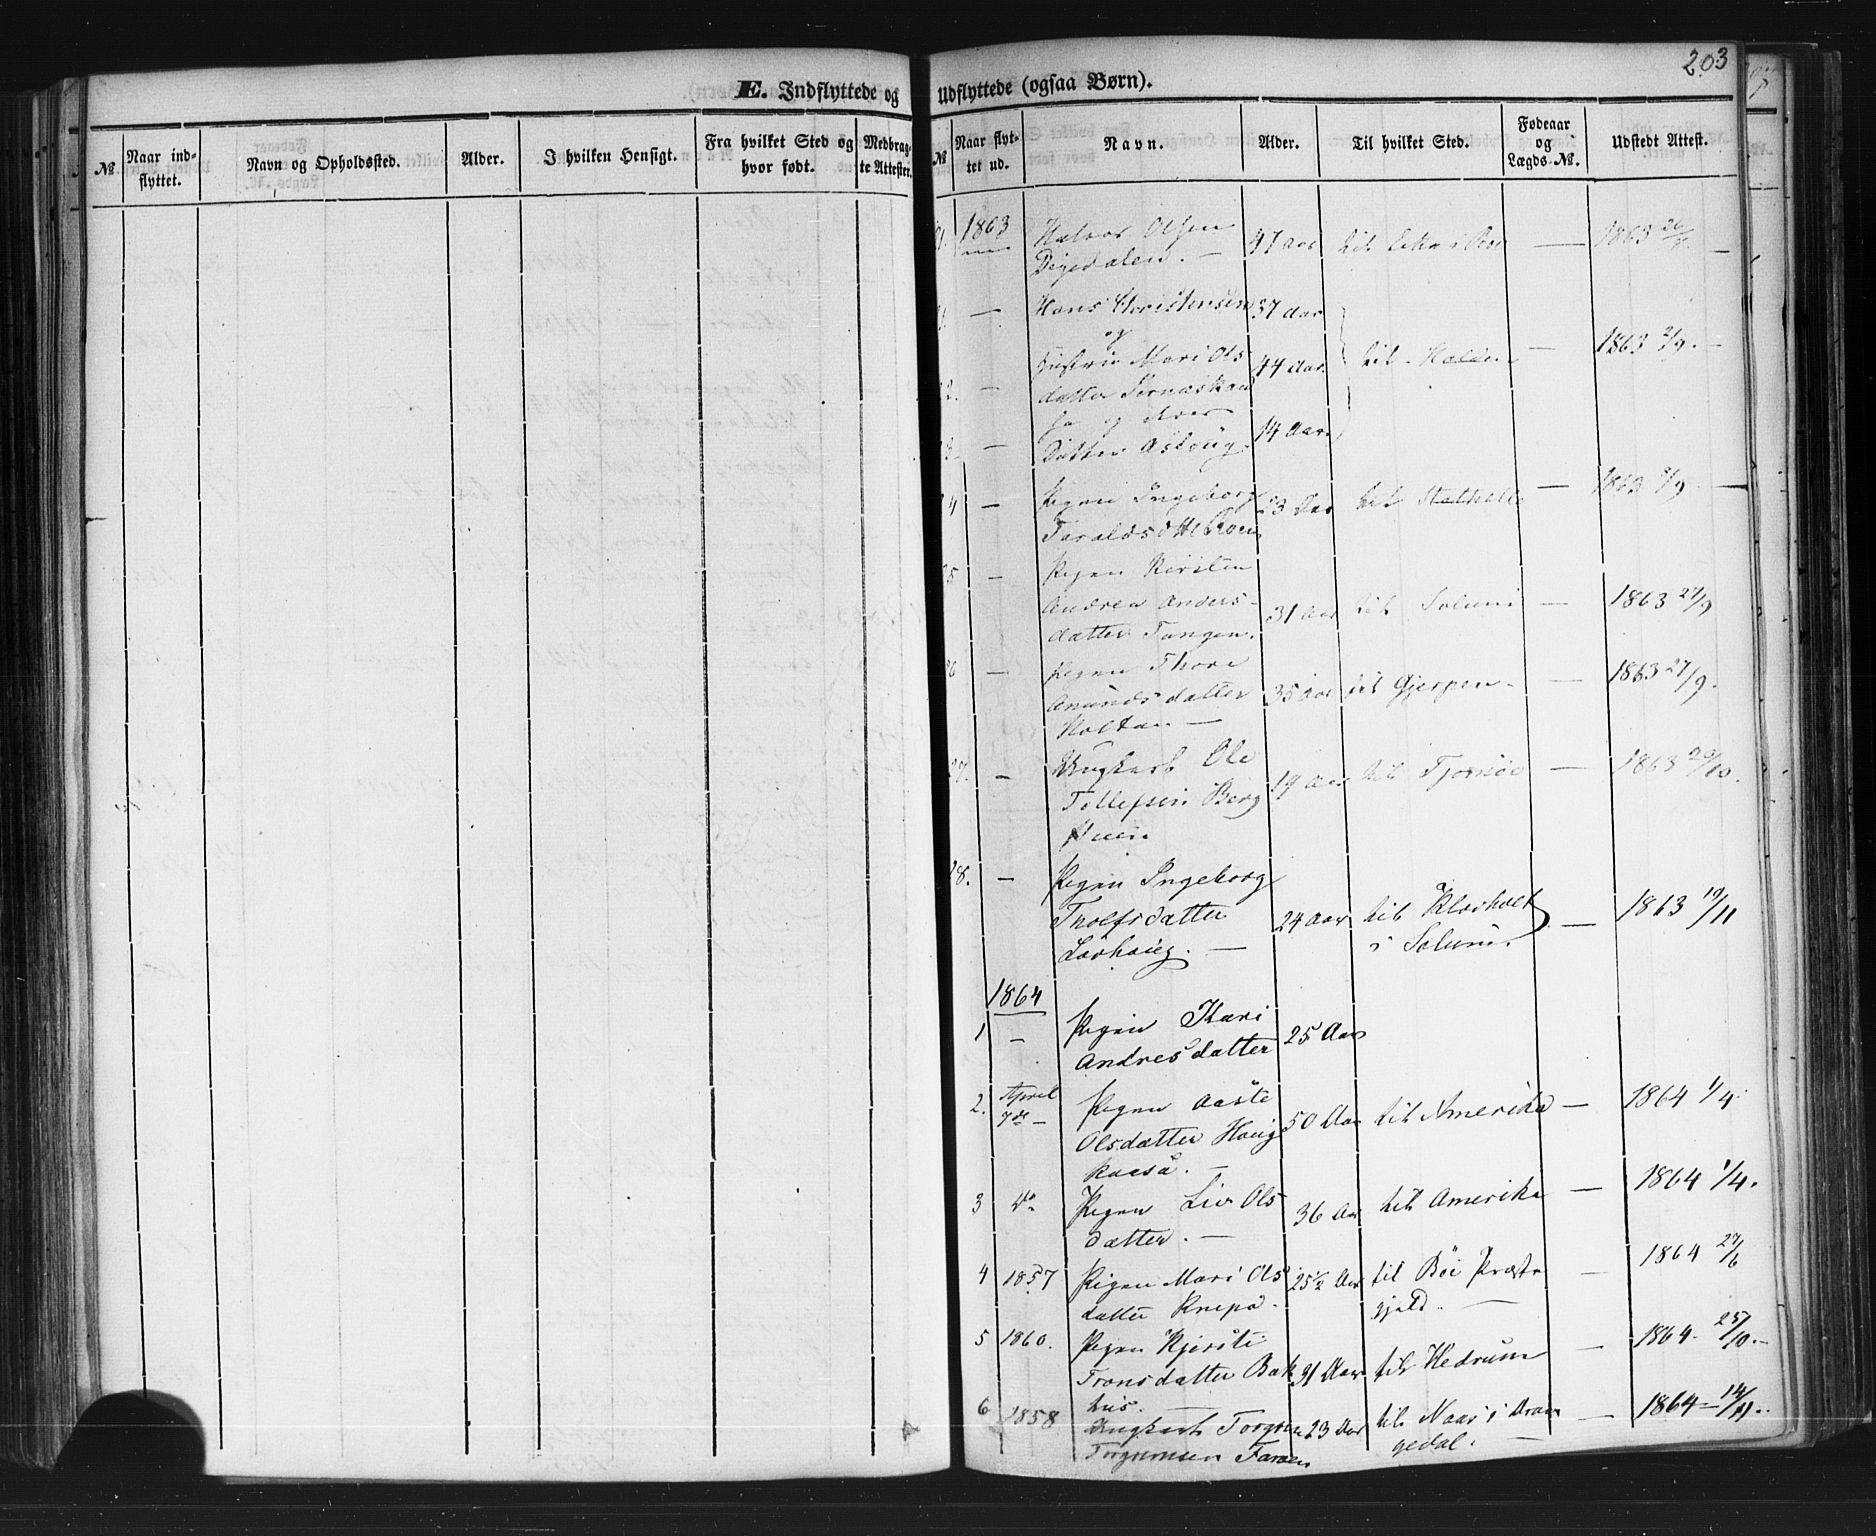 SAKO, Sauherad kirkebøker, F/Fb/L0001: Ministerialbok nr. II 1, 1851-1877, s. 203